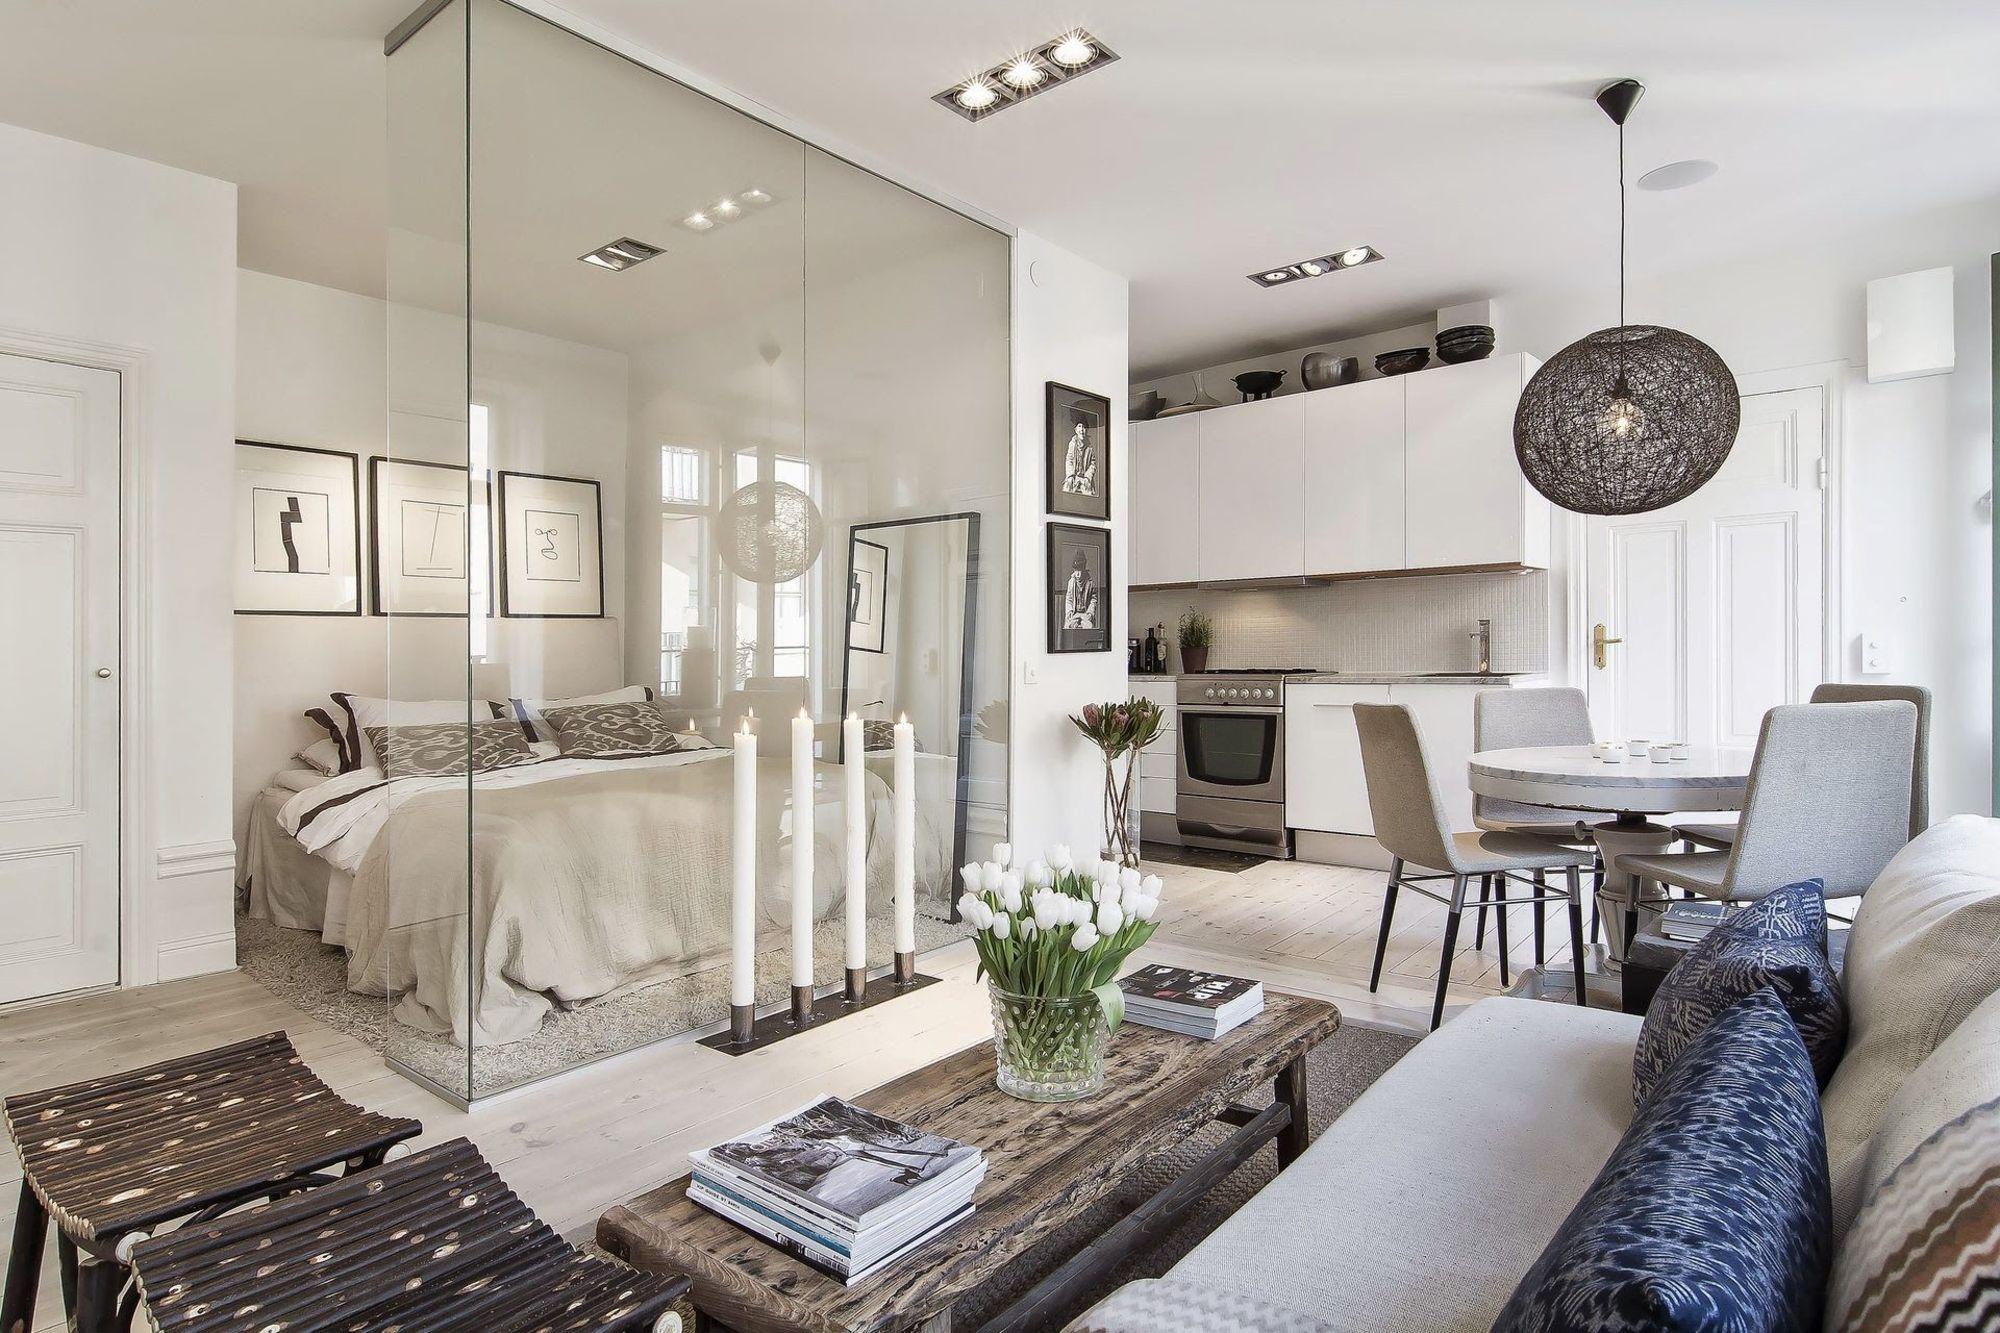 Небольшая квартира с одной комнатой. Дизайн однокомнатной квартиры